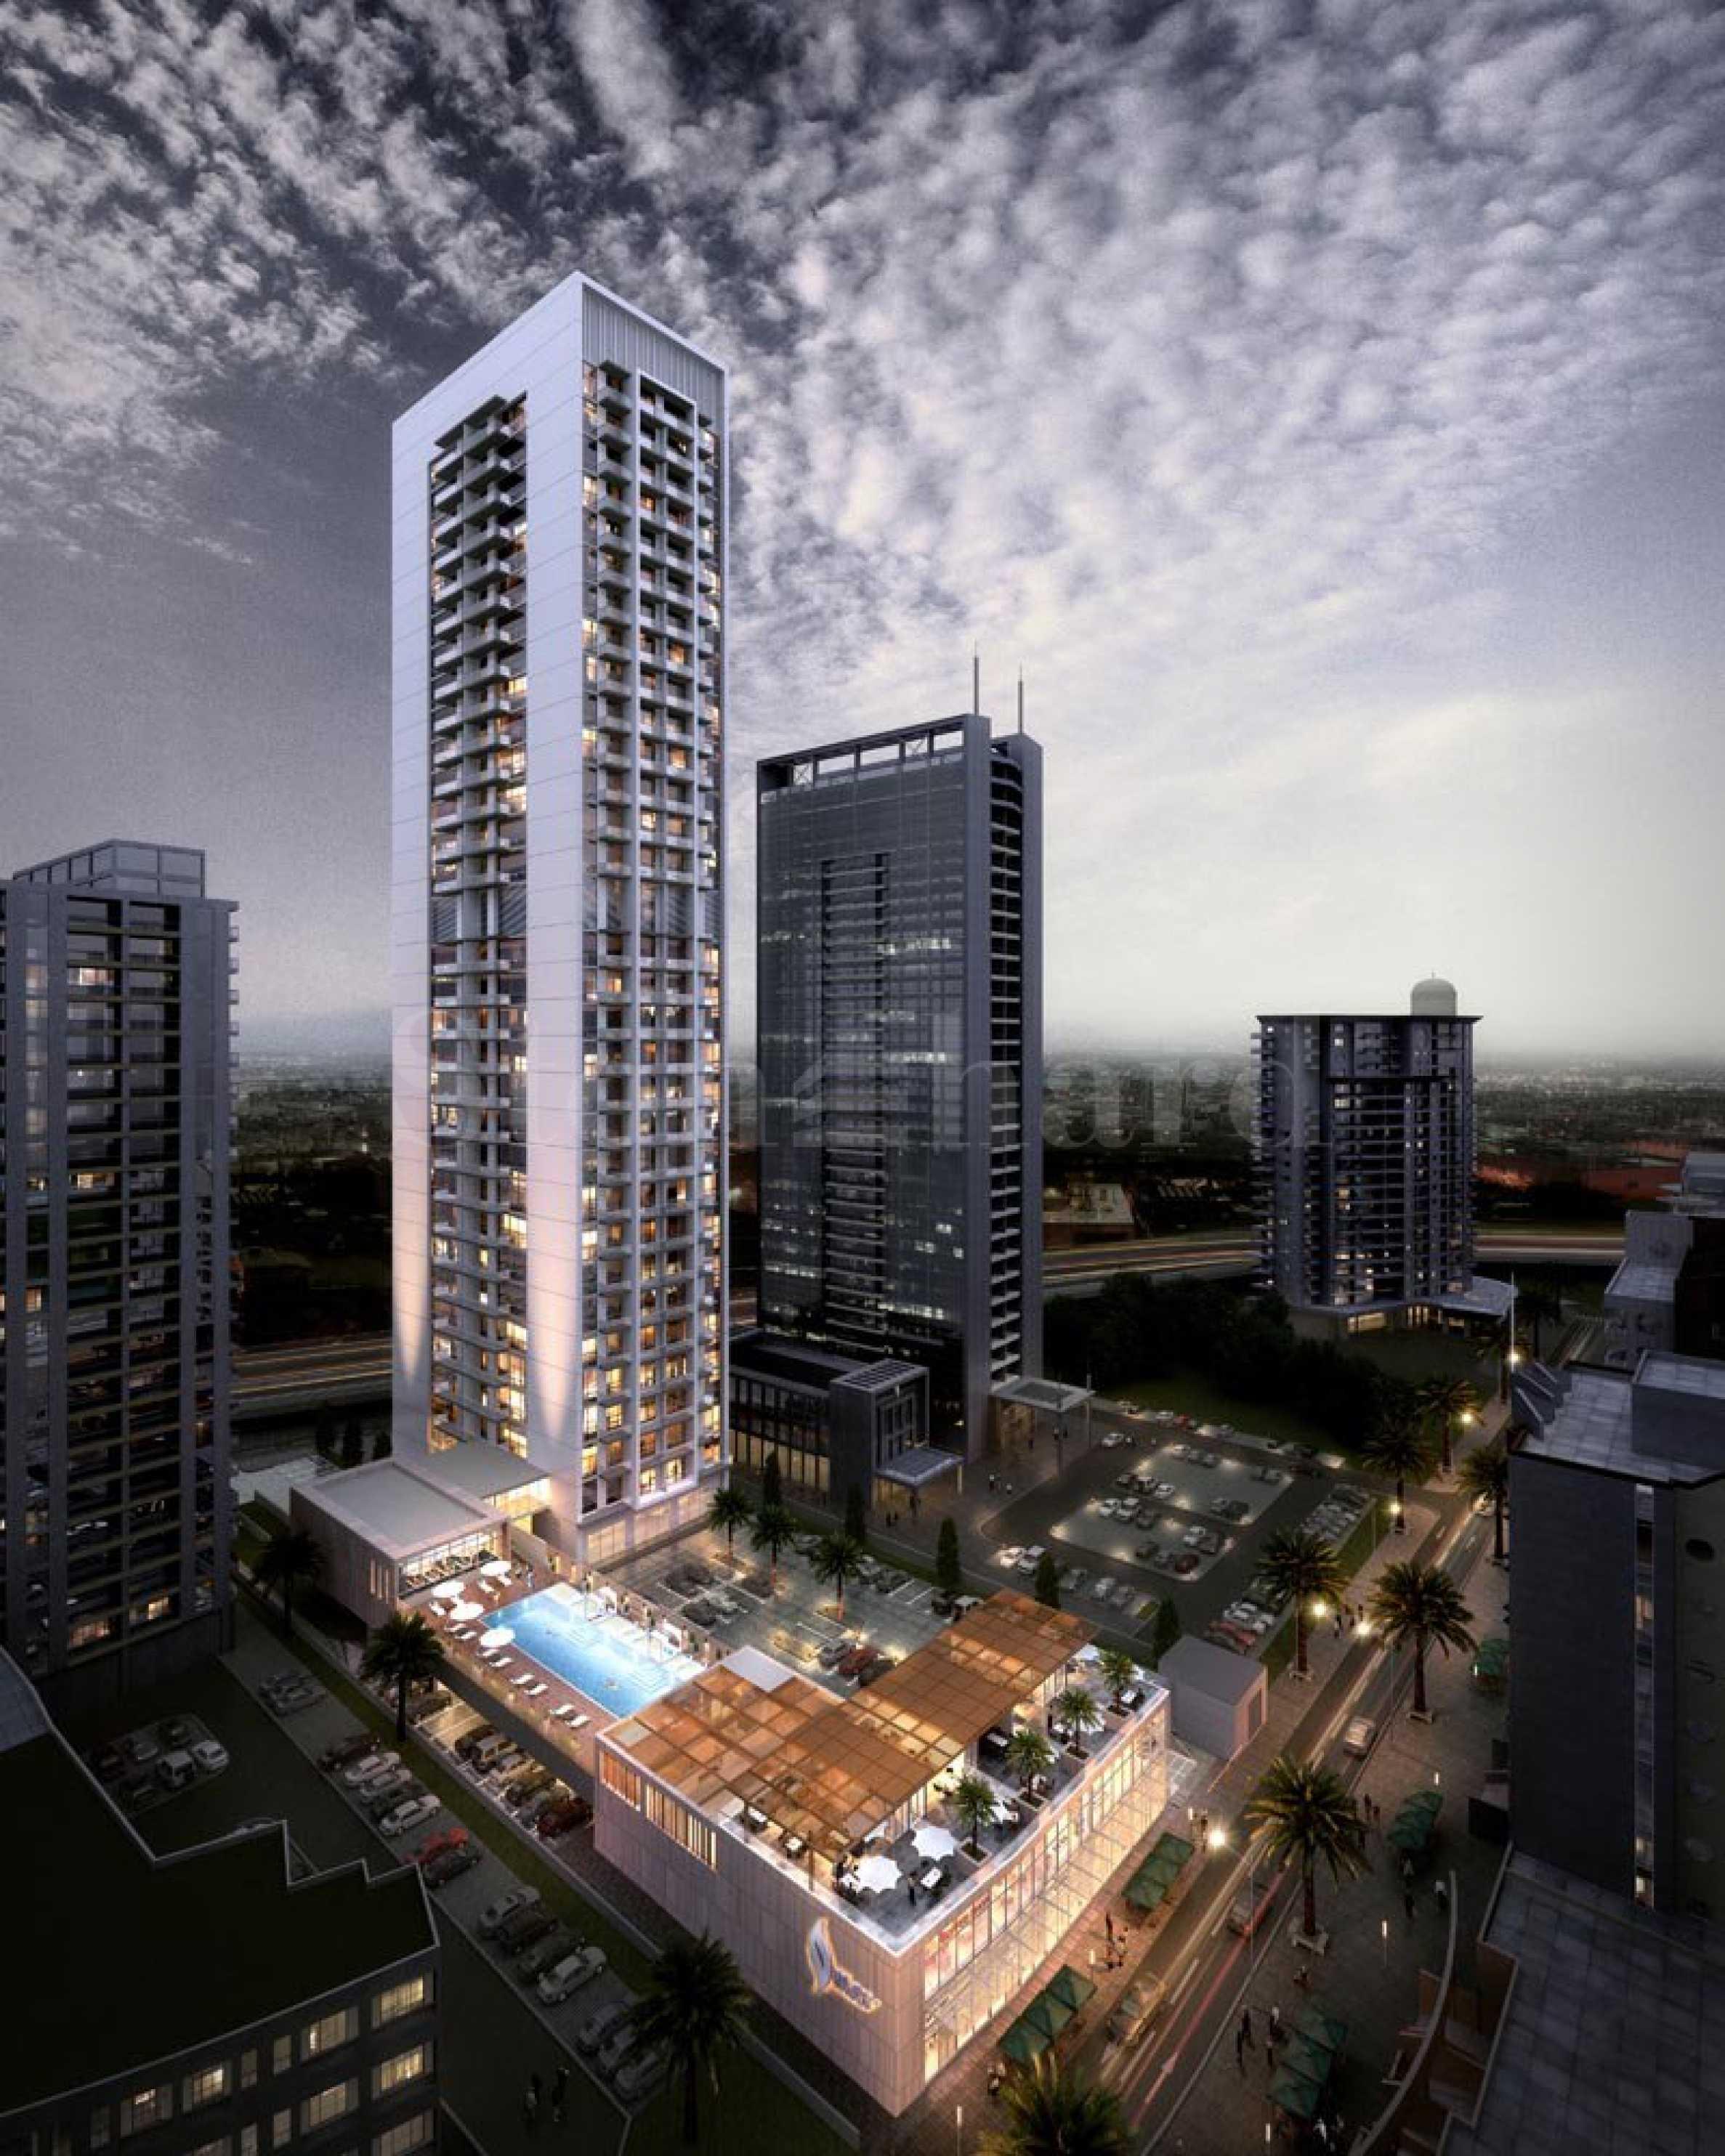 Нова жилищна сграда - небостъргач в Дубай Марина1 - Stonehard